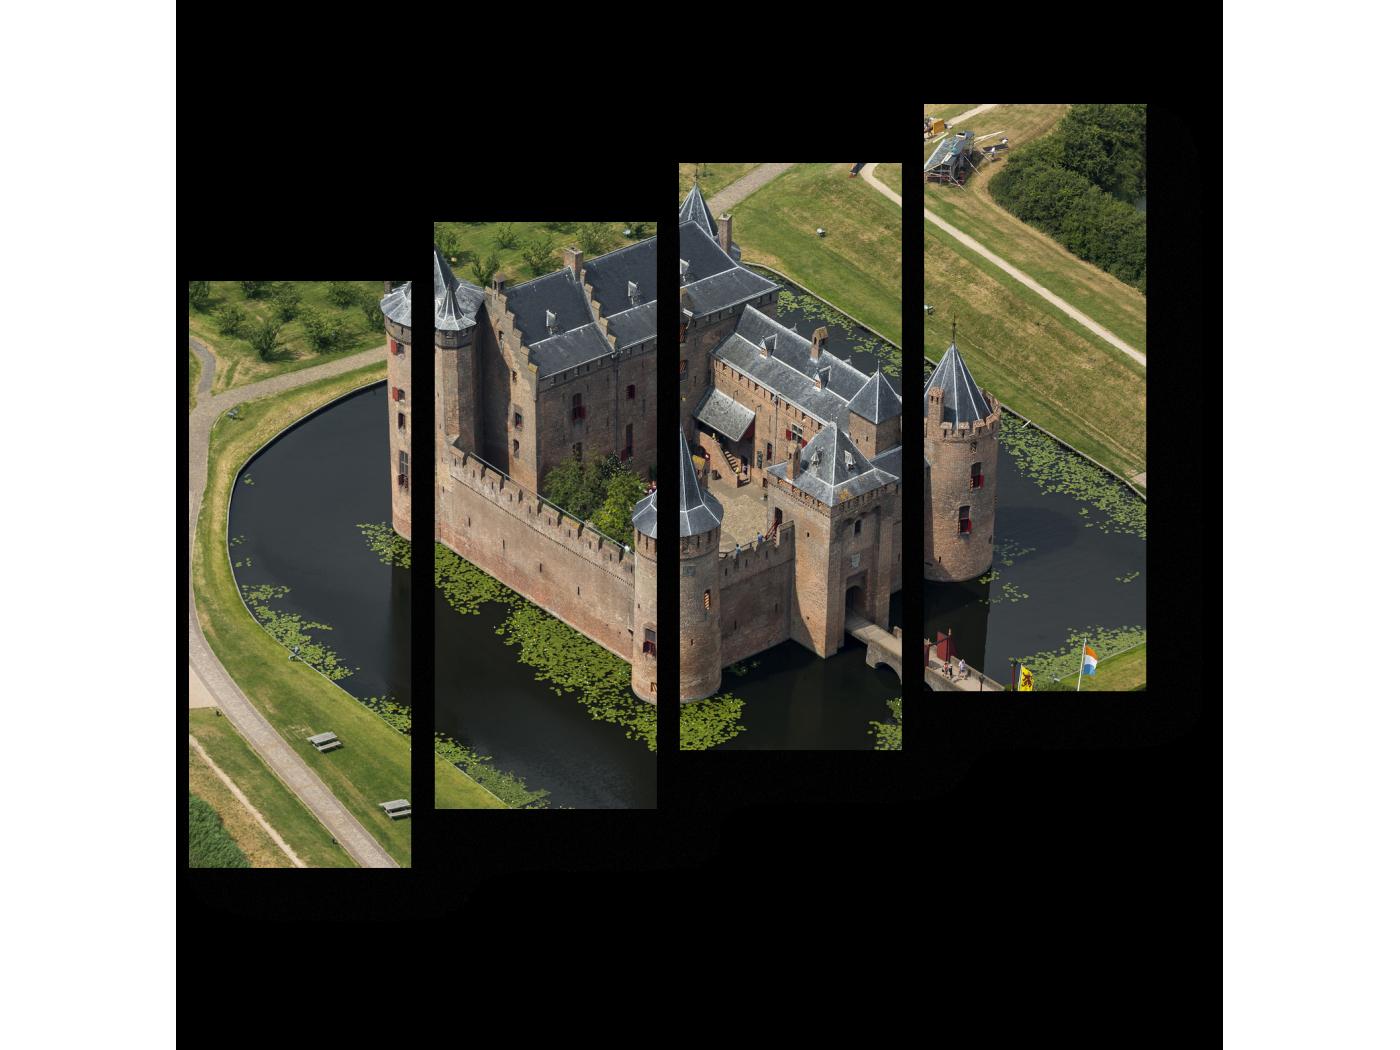 Модульная картина Средневековый замок Мейдерслот в Нидерландах (80x69) фото